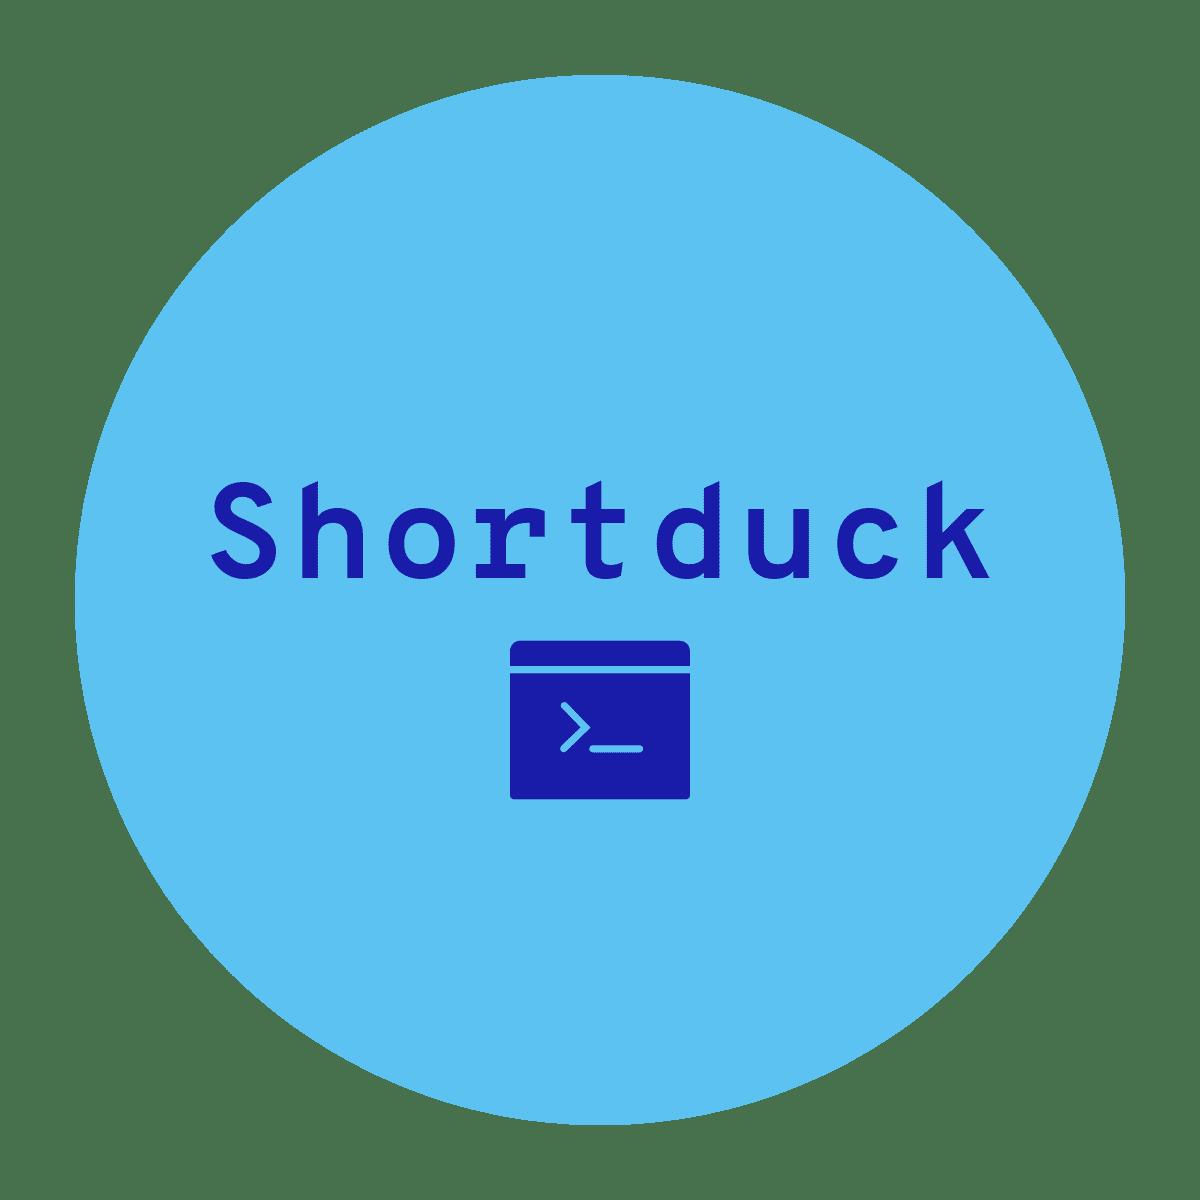 Shortduck